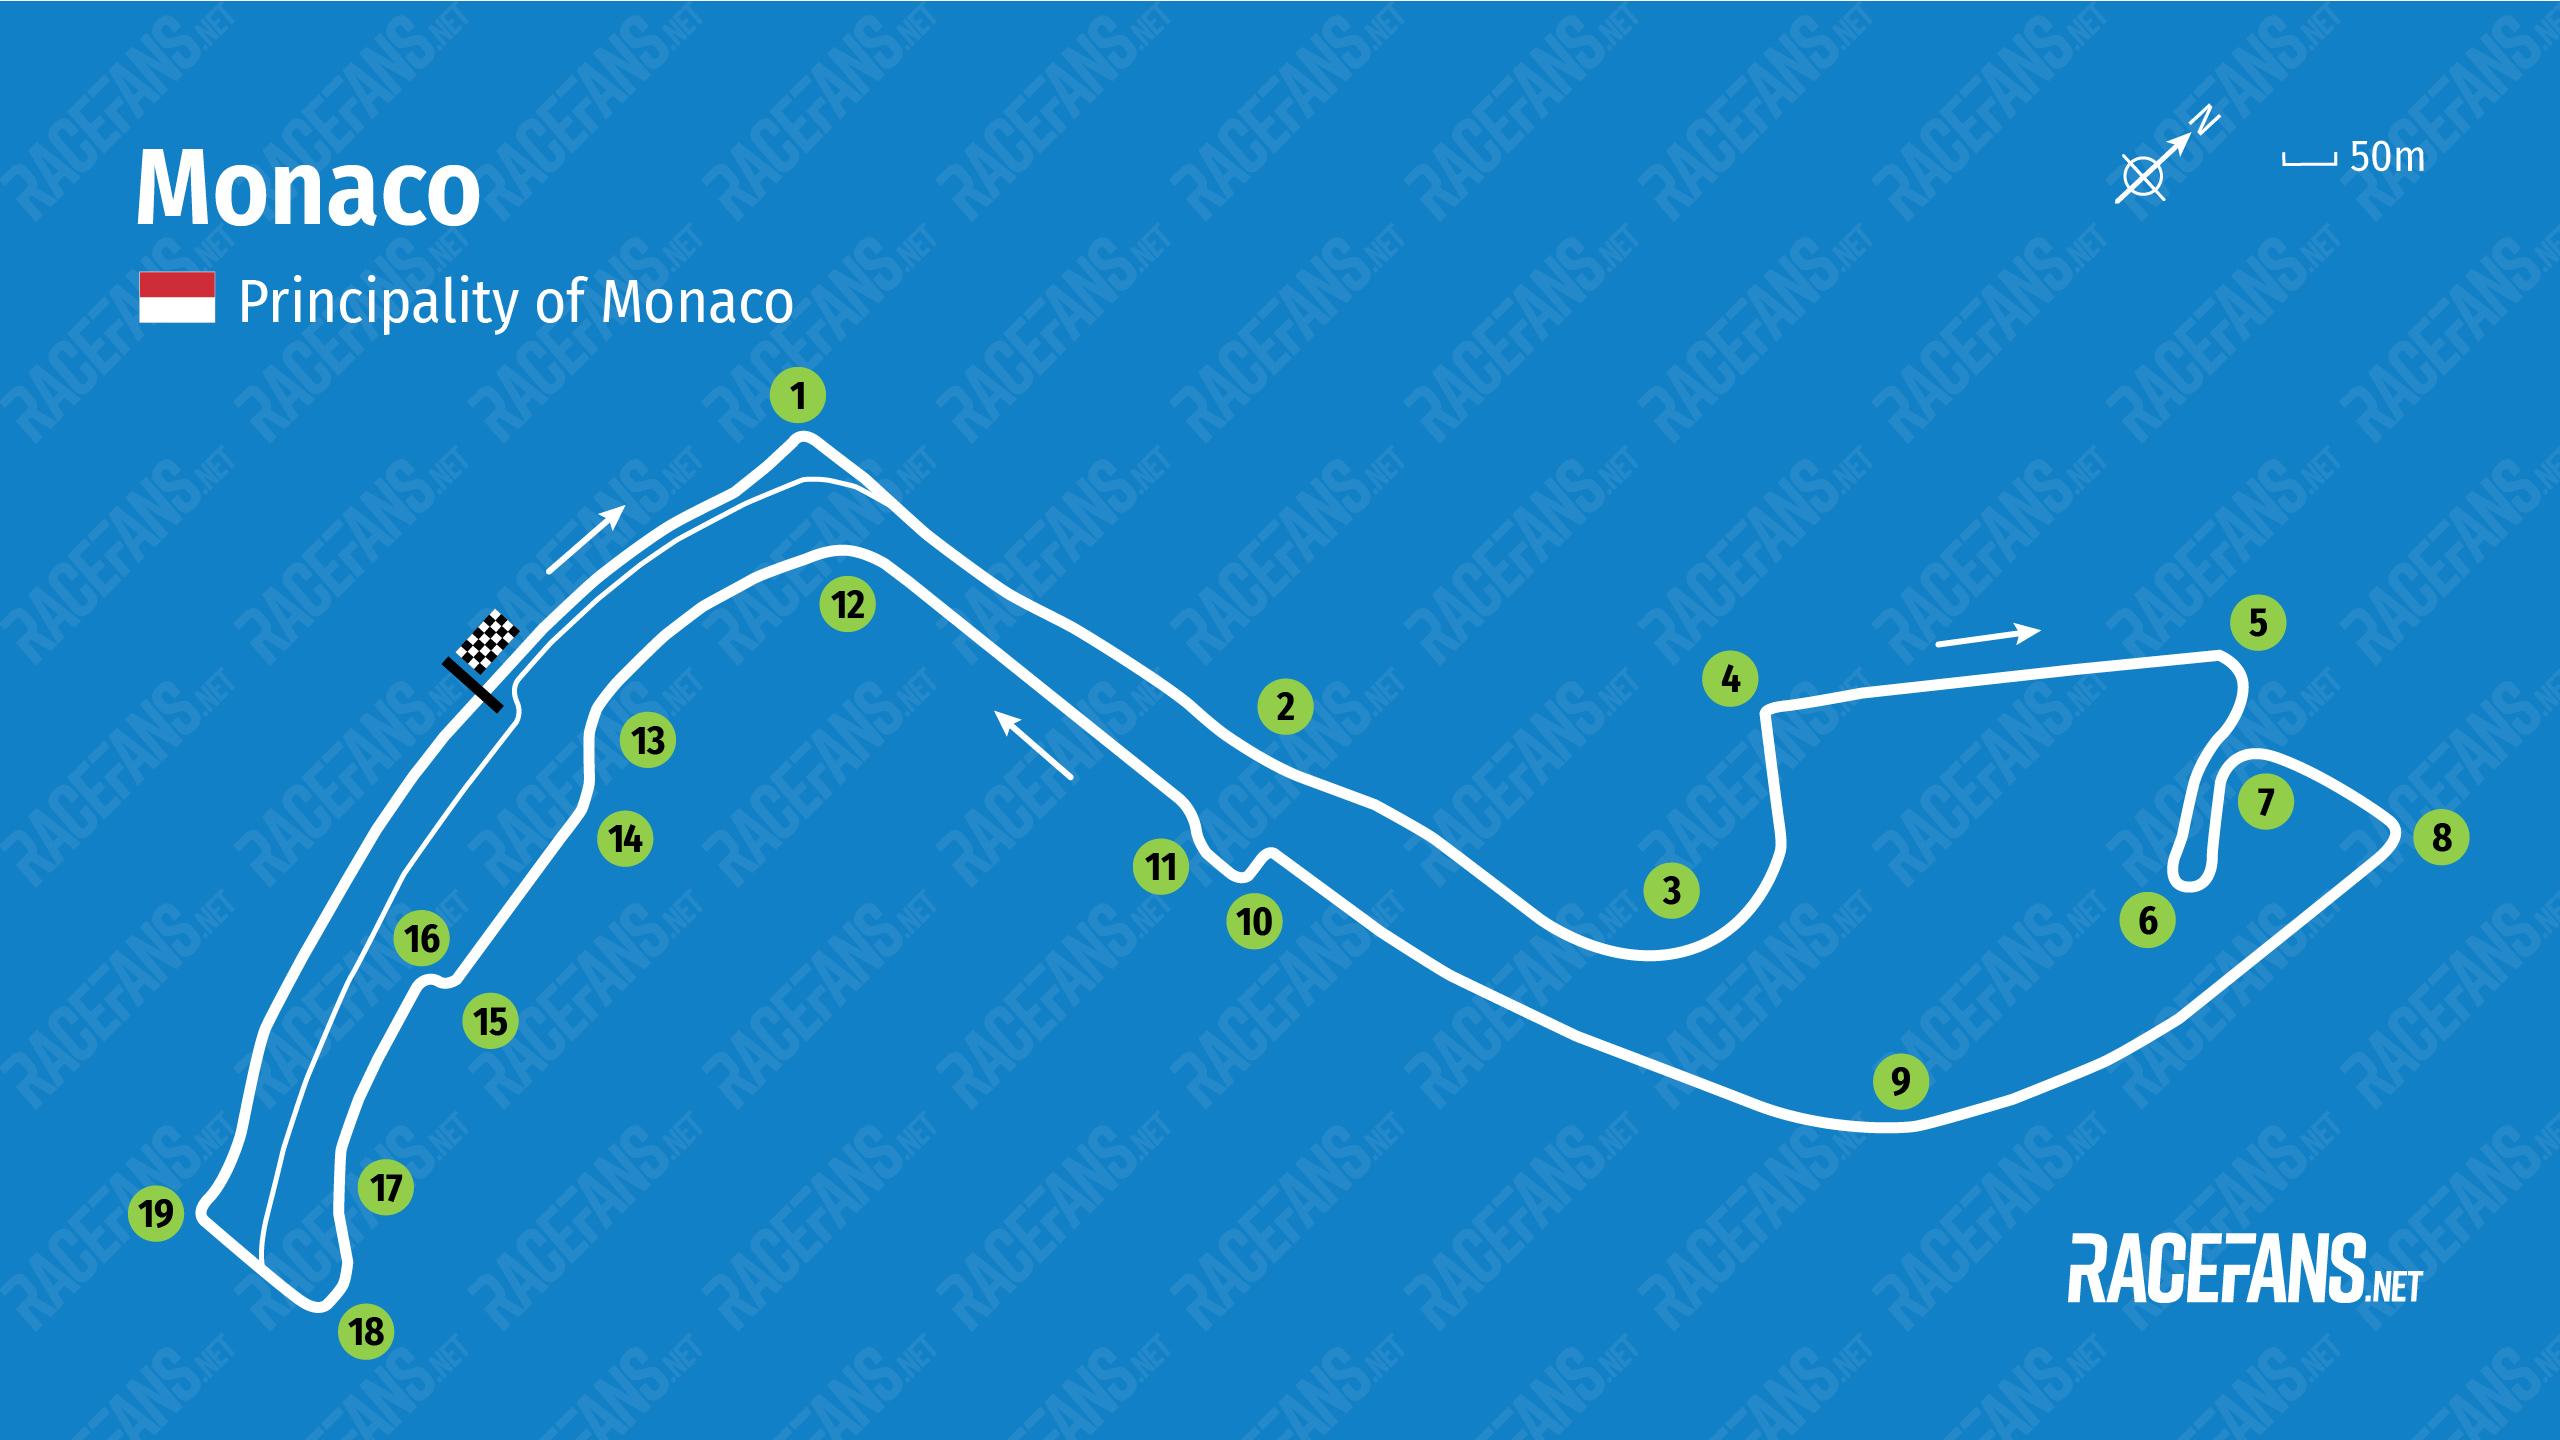 Monaco track map